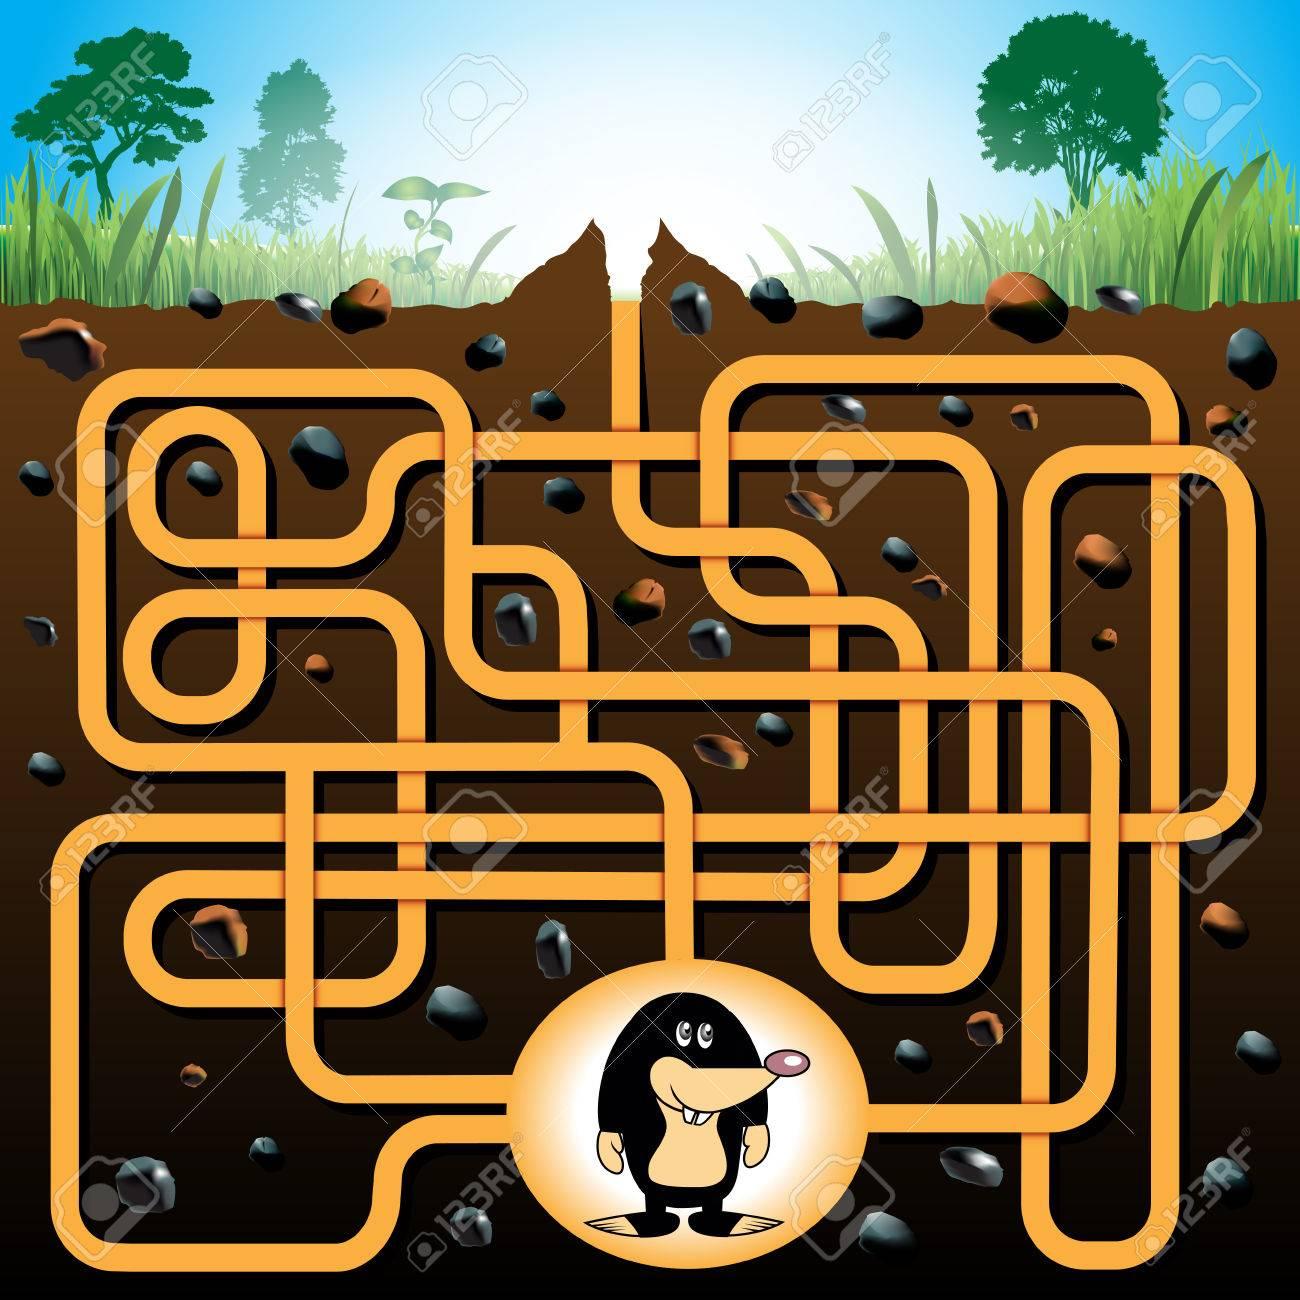 Labyrinthe Éducation Ou Jeu De Labyrinthe Pour Les Enfants D'âge  Préscolaire Avec Taupe Drôle. Vector Illustration dedans Jeu De La Taupe